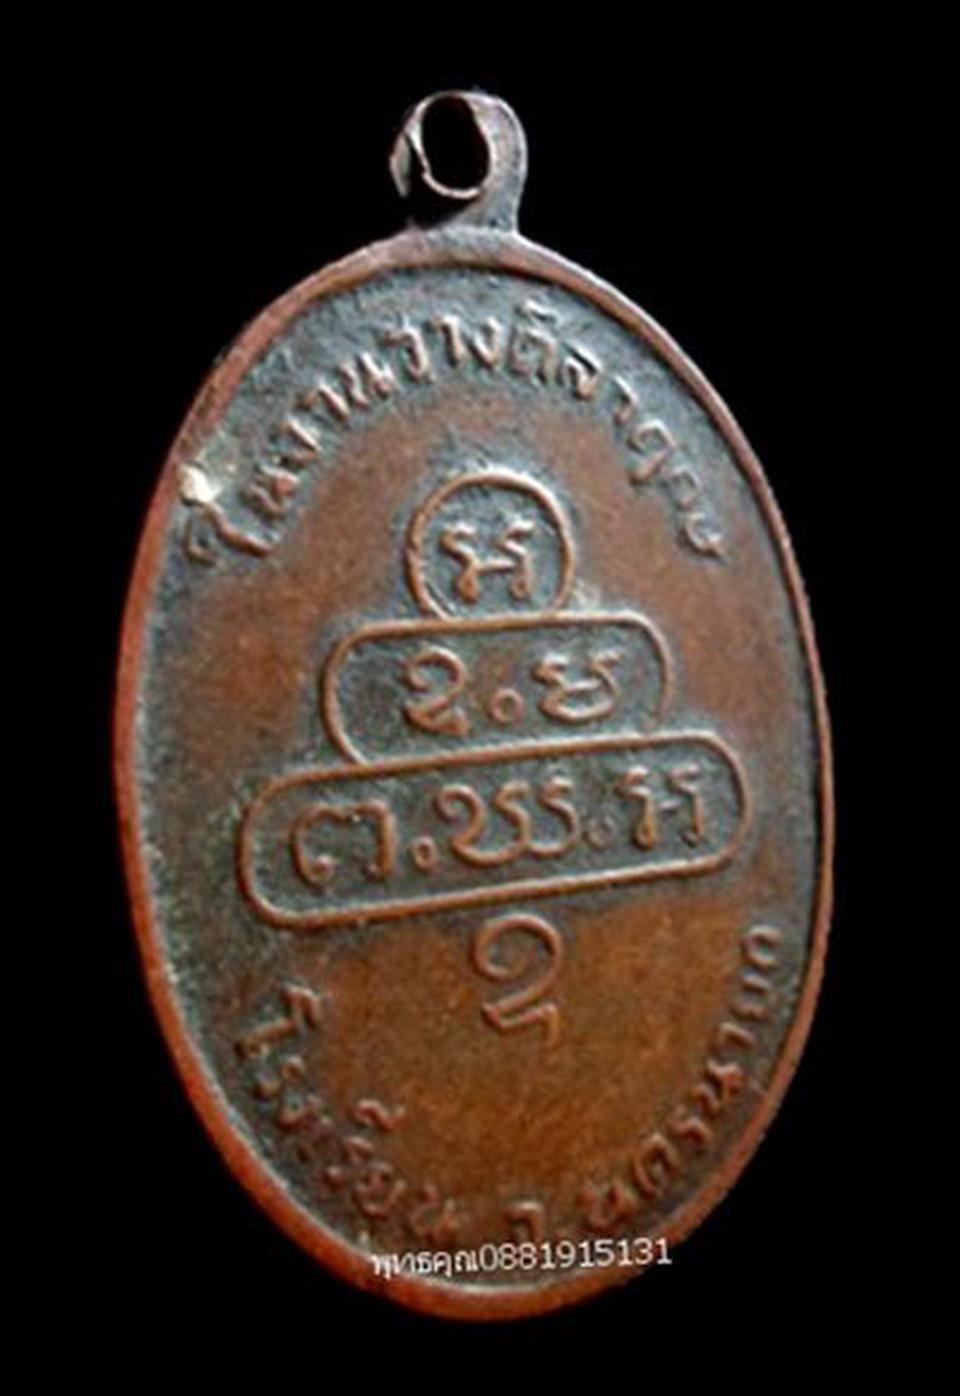 เหรียญกนกข้าง เจ้าคุณนร วัดเทพศิรินทร์ ปี2513 รูปที่ 4